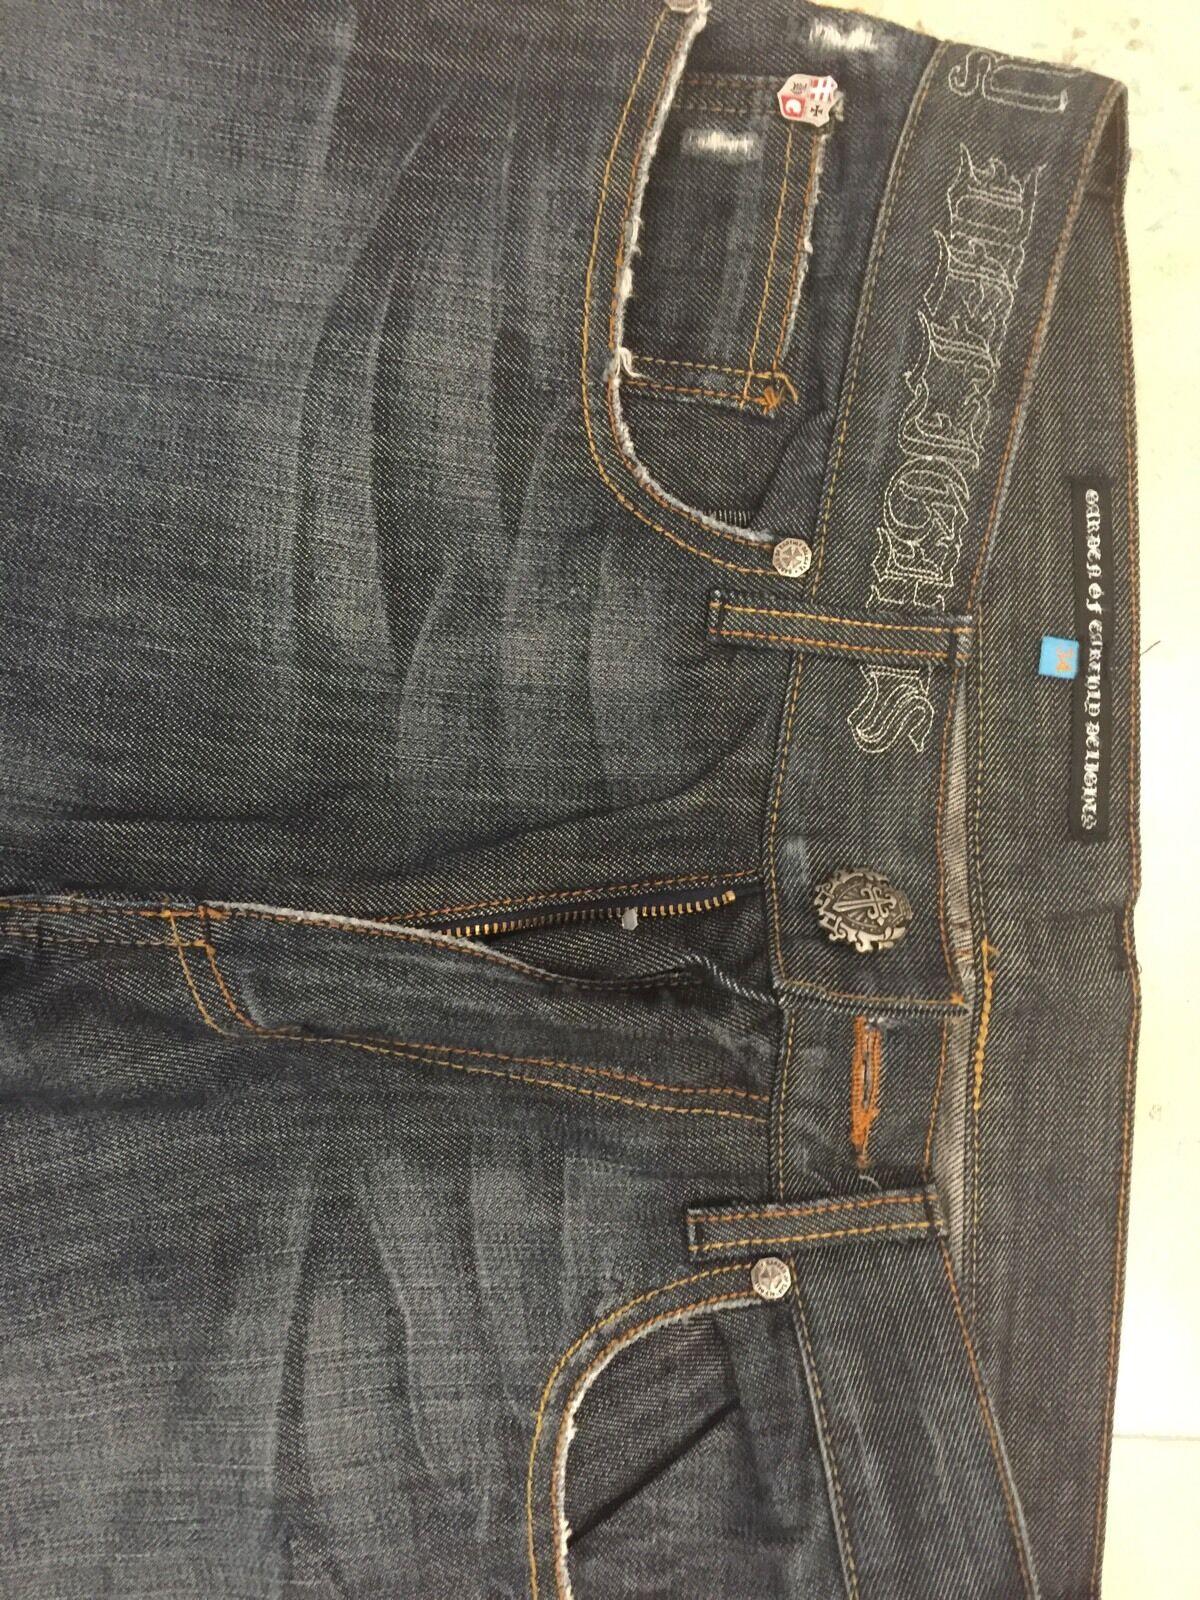 603a93a3 Men's Fade Carmen Jeans Trousers bluee nrmnvs123-Jeans - www ...